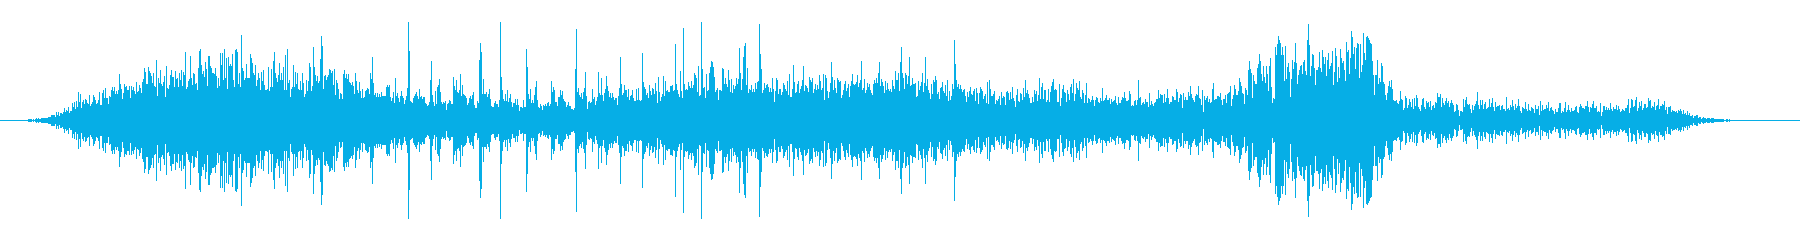 小型バイオコンテナまたはキャニスタ...の再生済みの波形